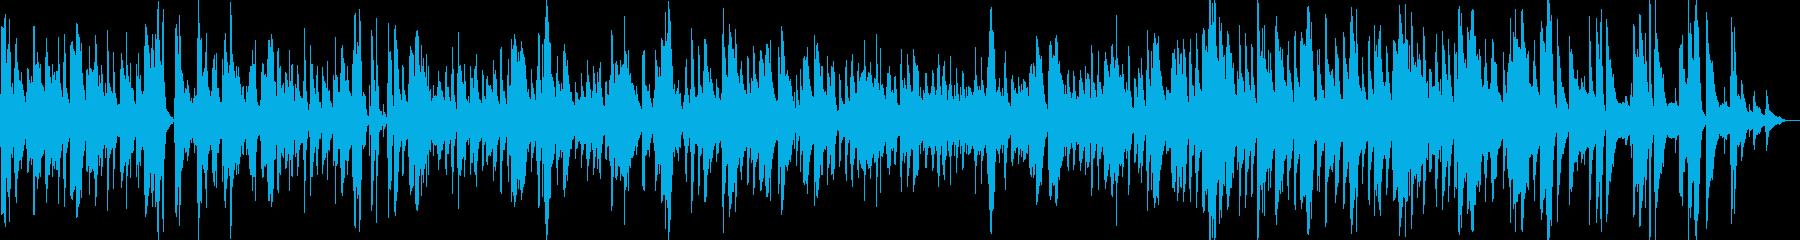 ゆったり優しいアコースティックジャズの再生済みの波形